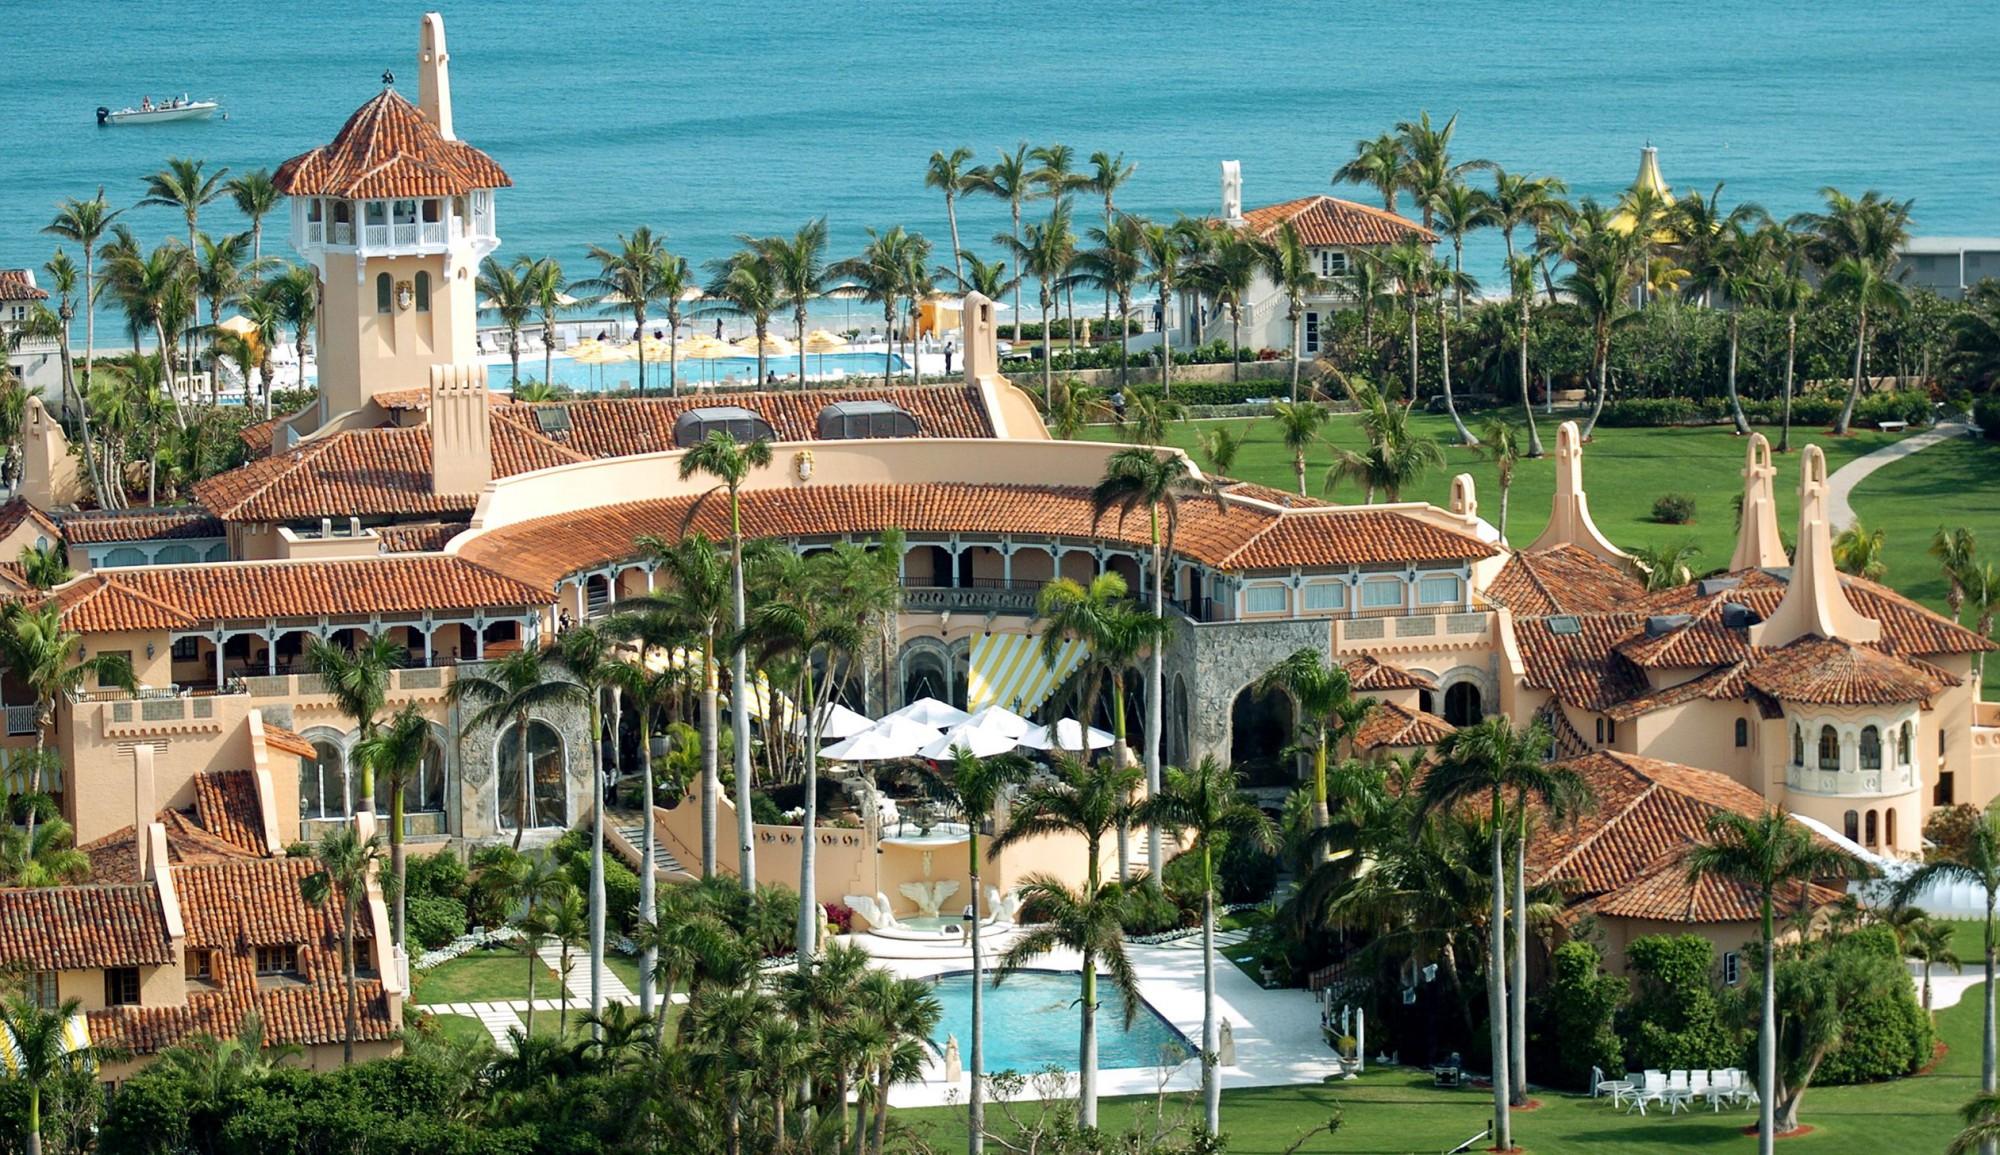 Villa Mar-A- Lago (Palm Beach) - Valore 200 milioni di euro